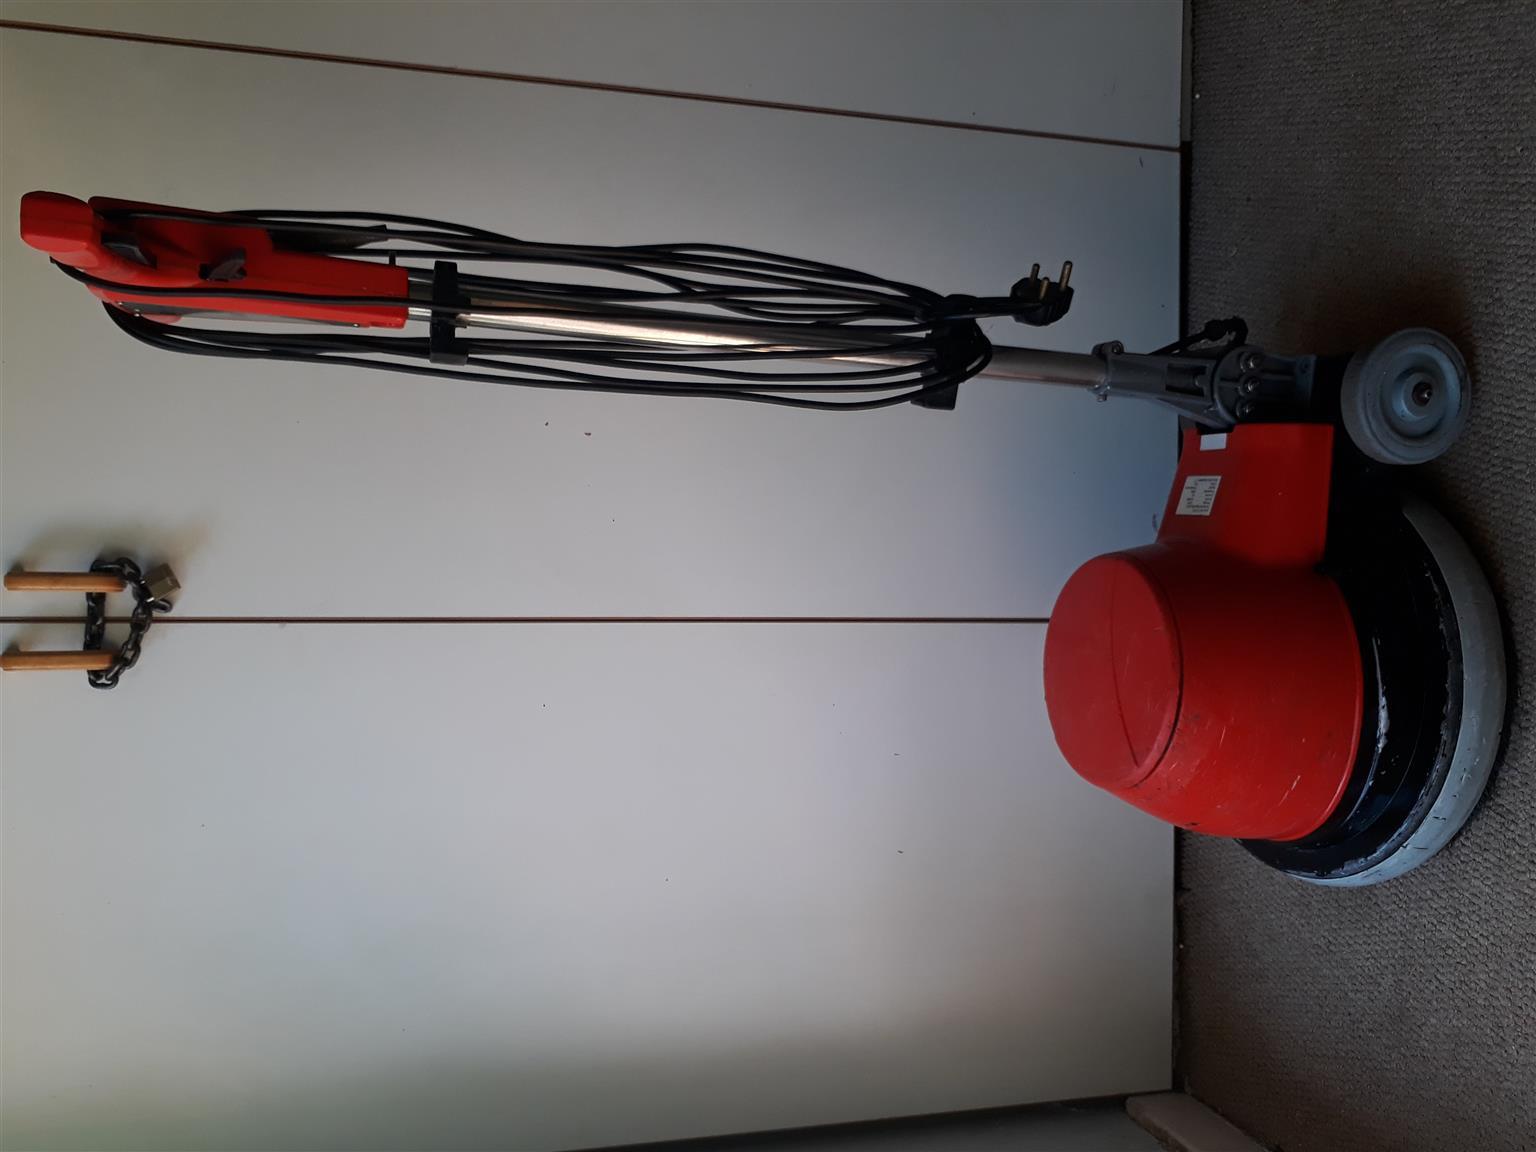 3x Floor polisher / scrubber/ carpet cleaner